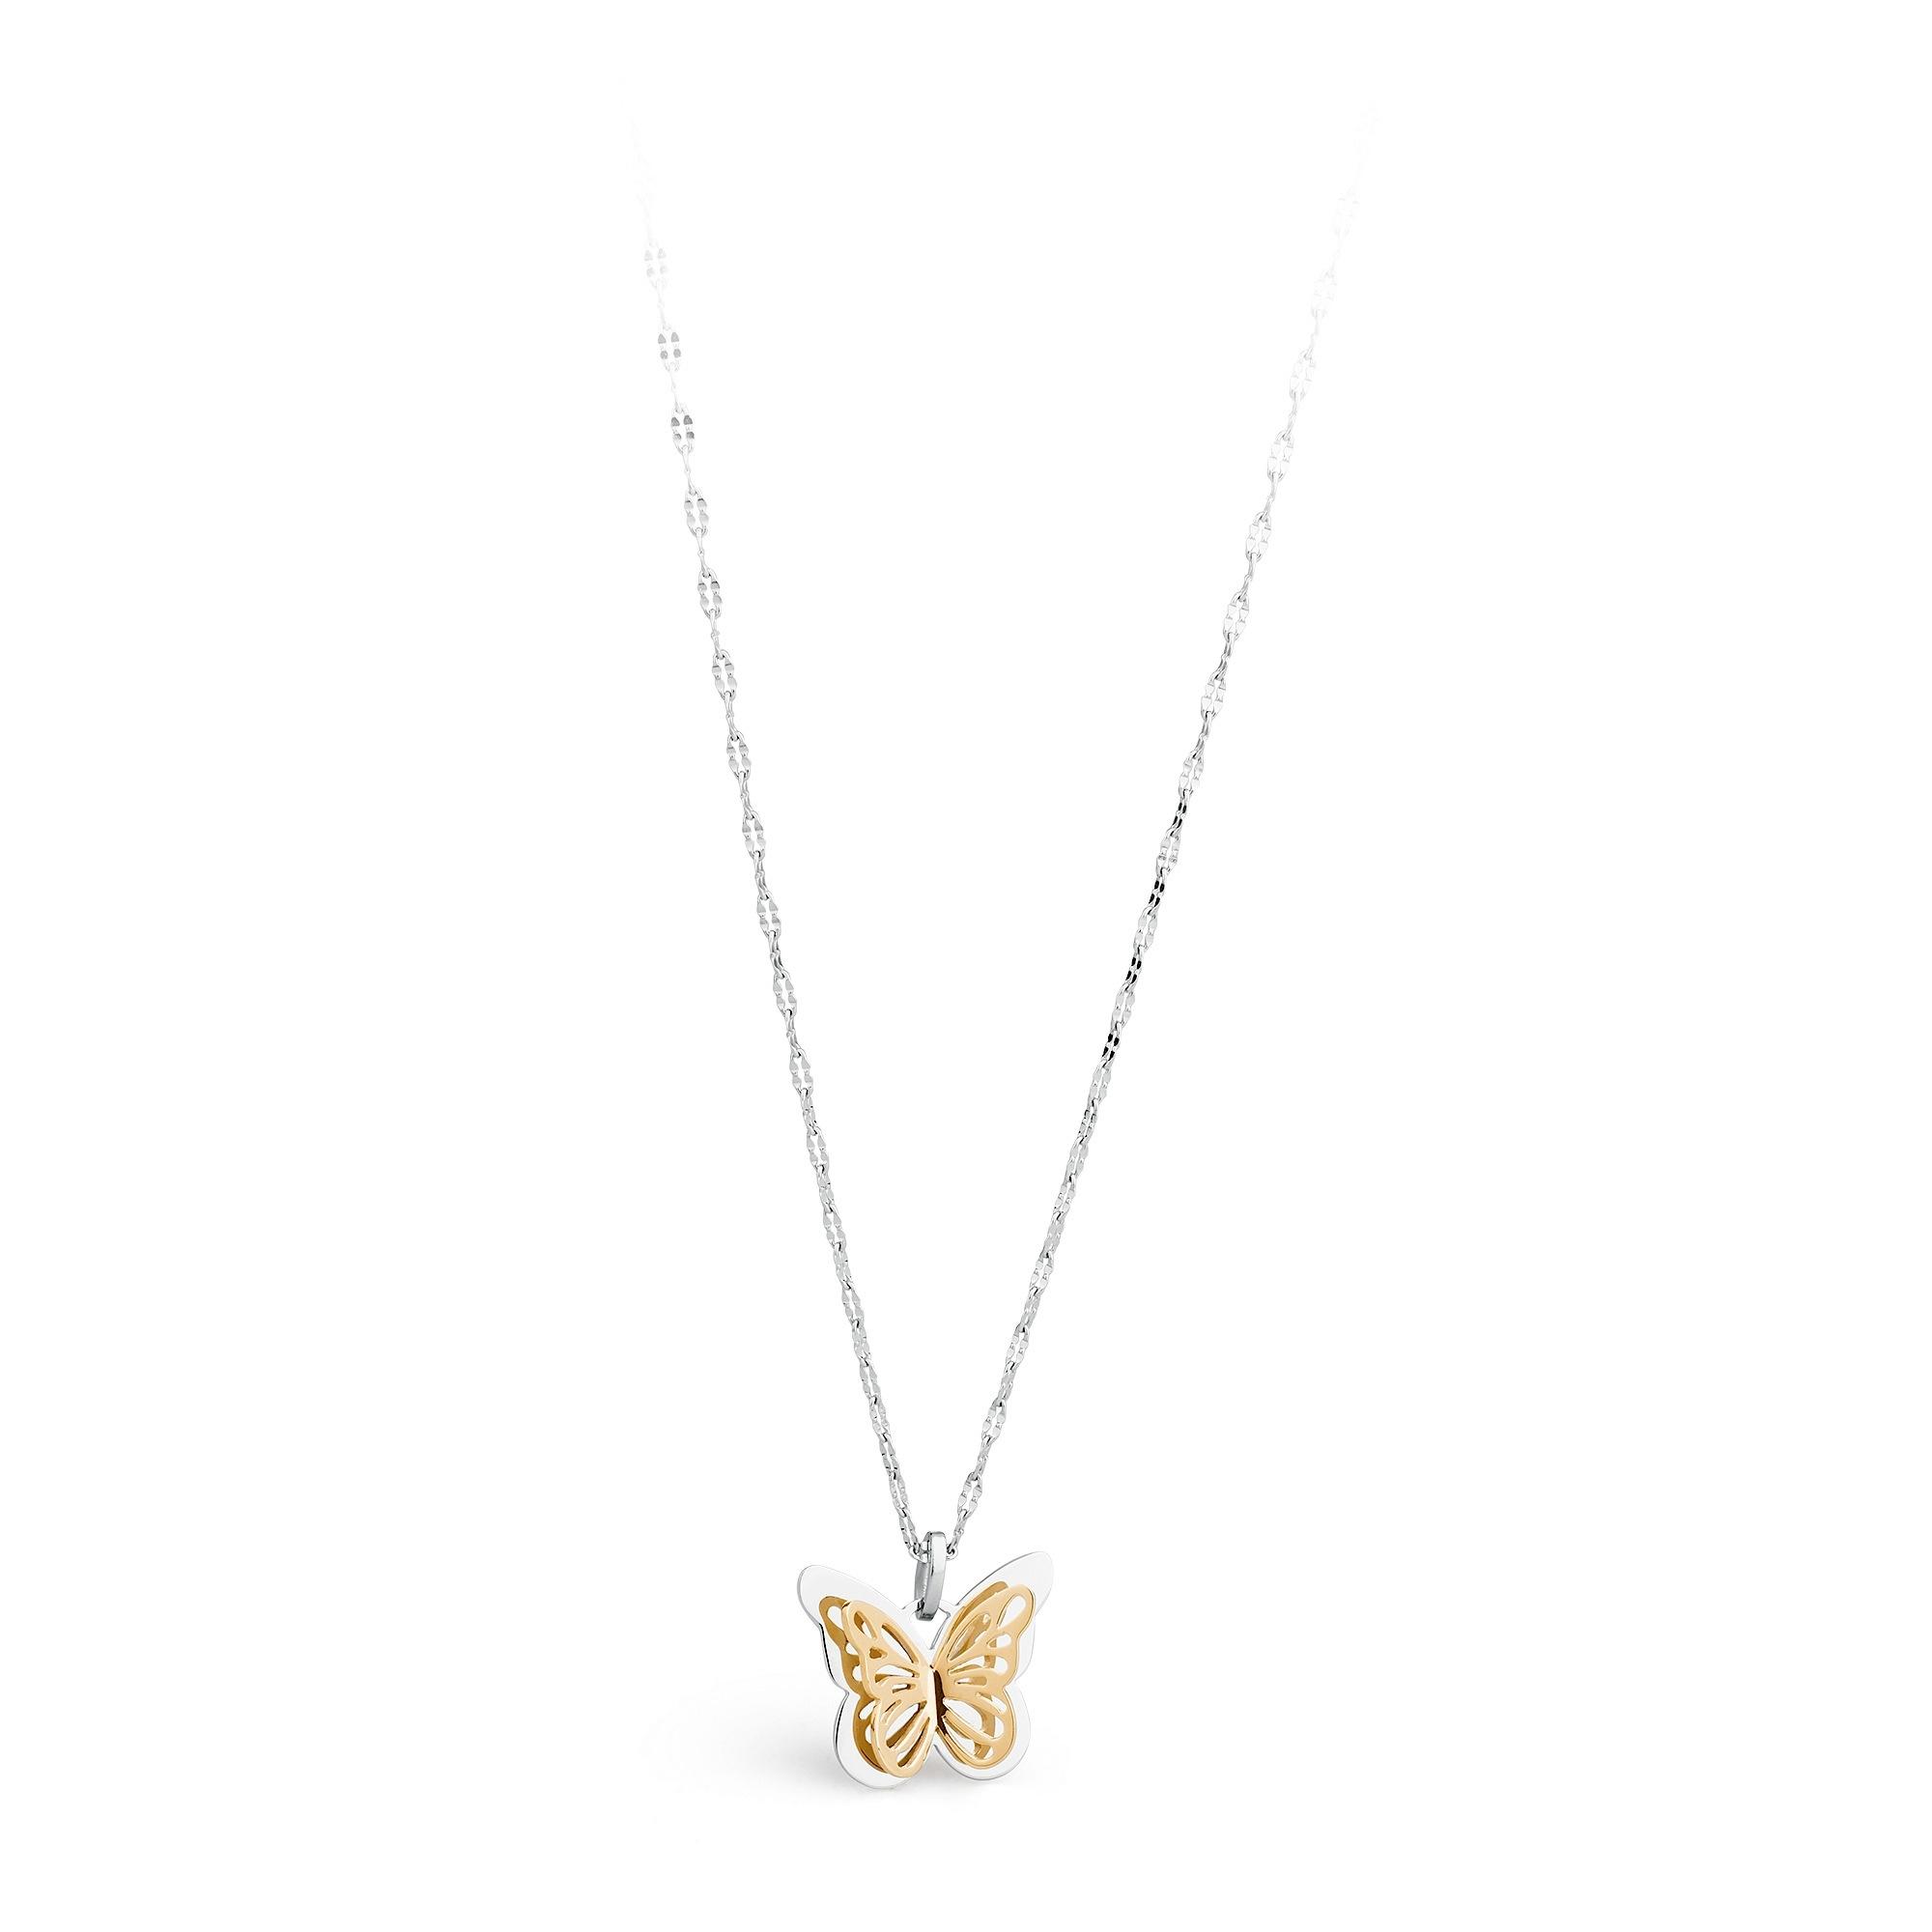 collana-sagapò-mariposa-farfalla-oro-clessidra-jewels